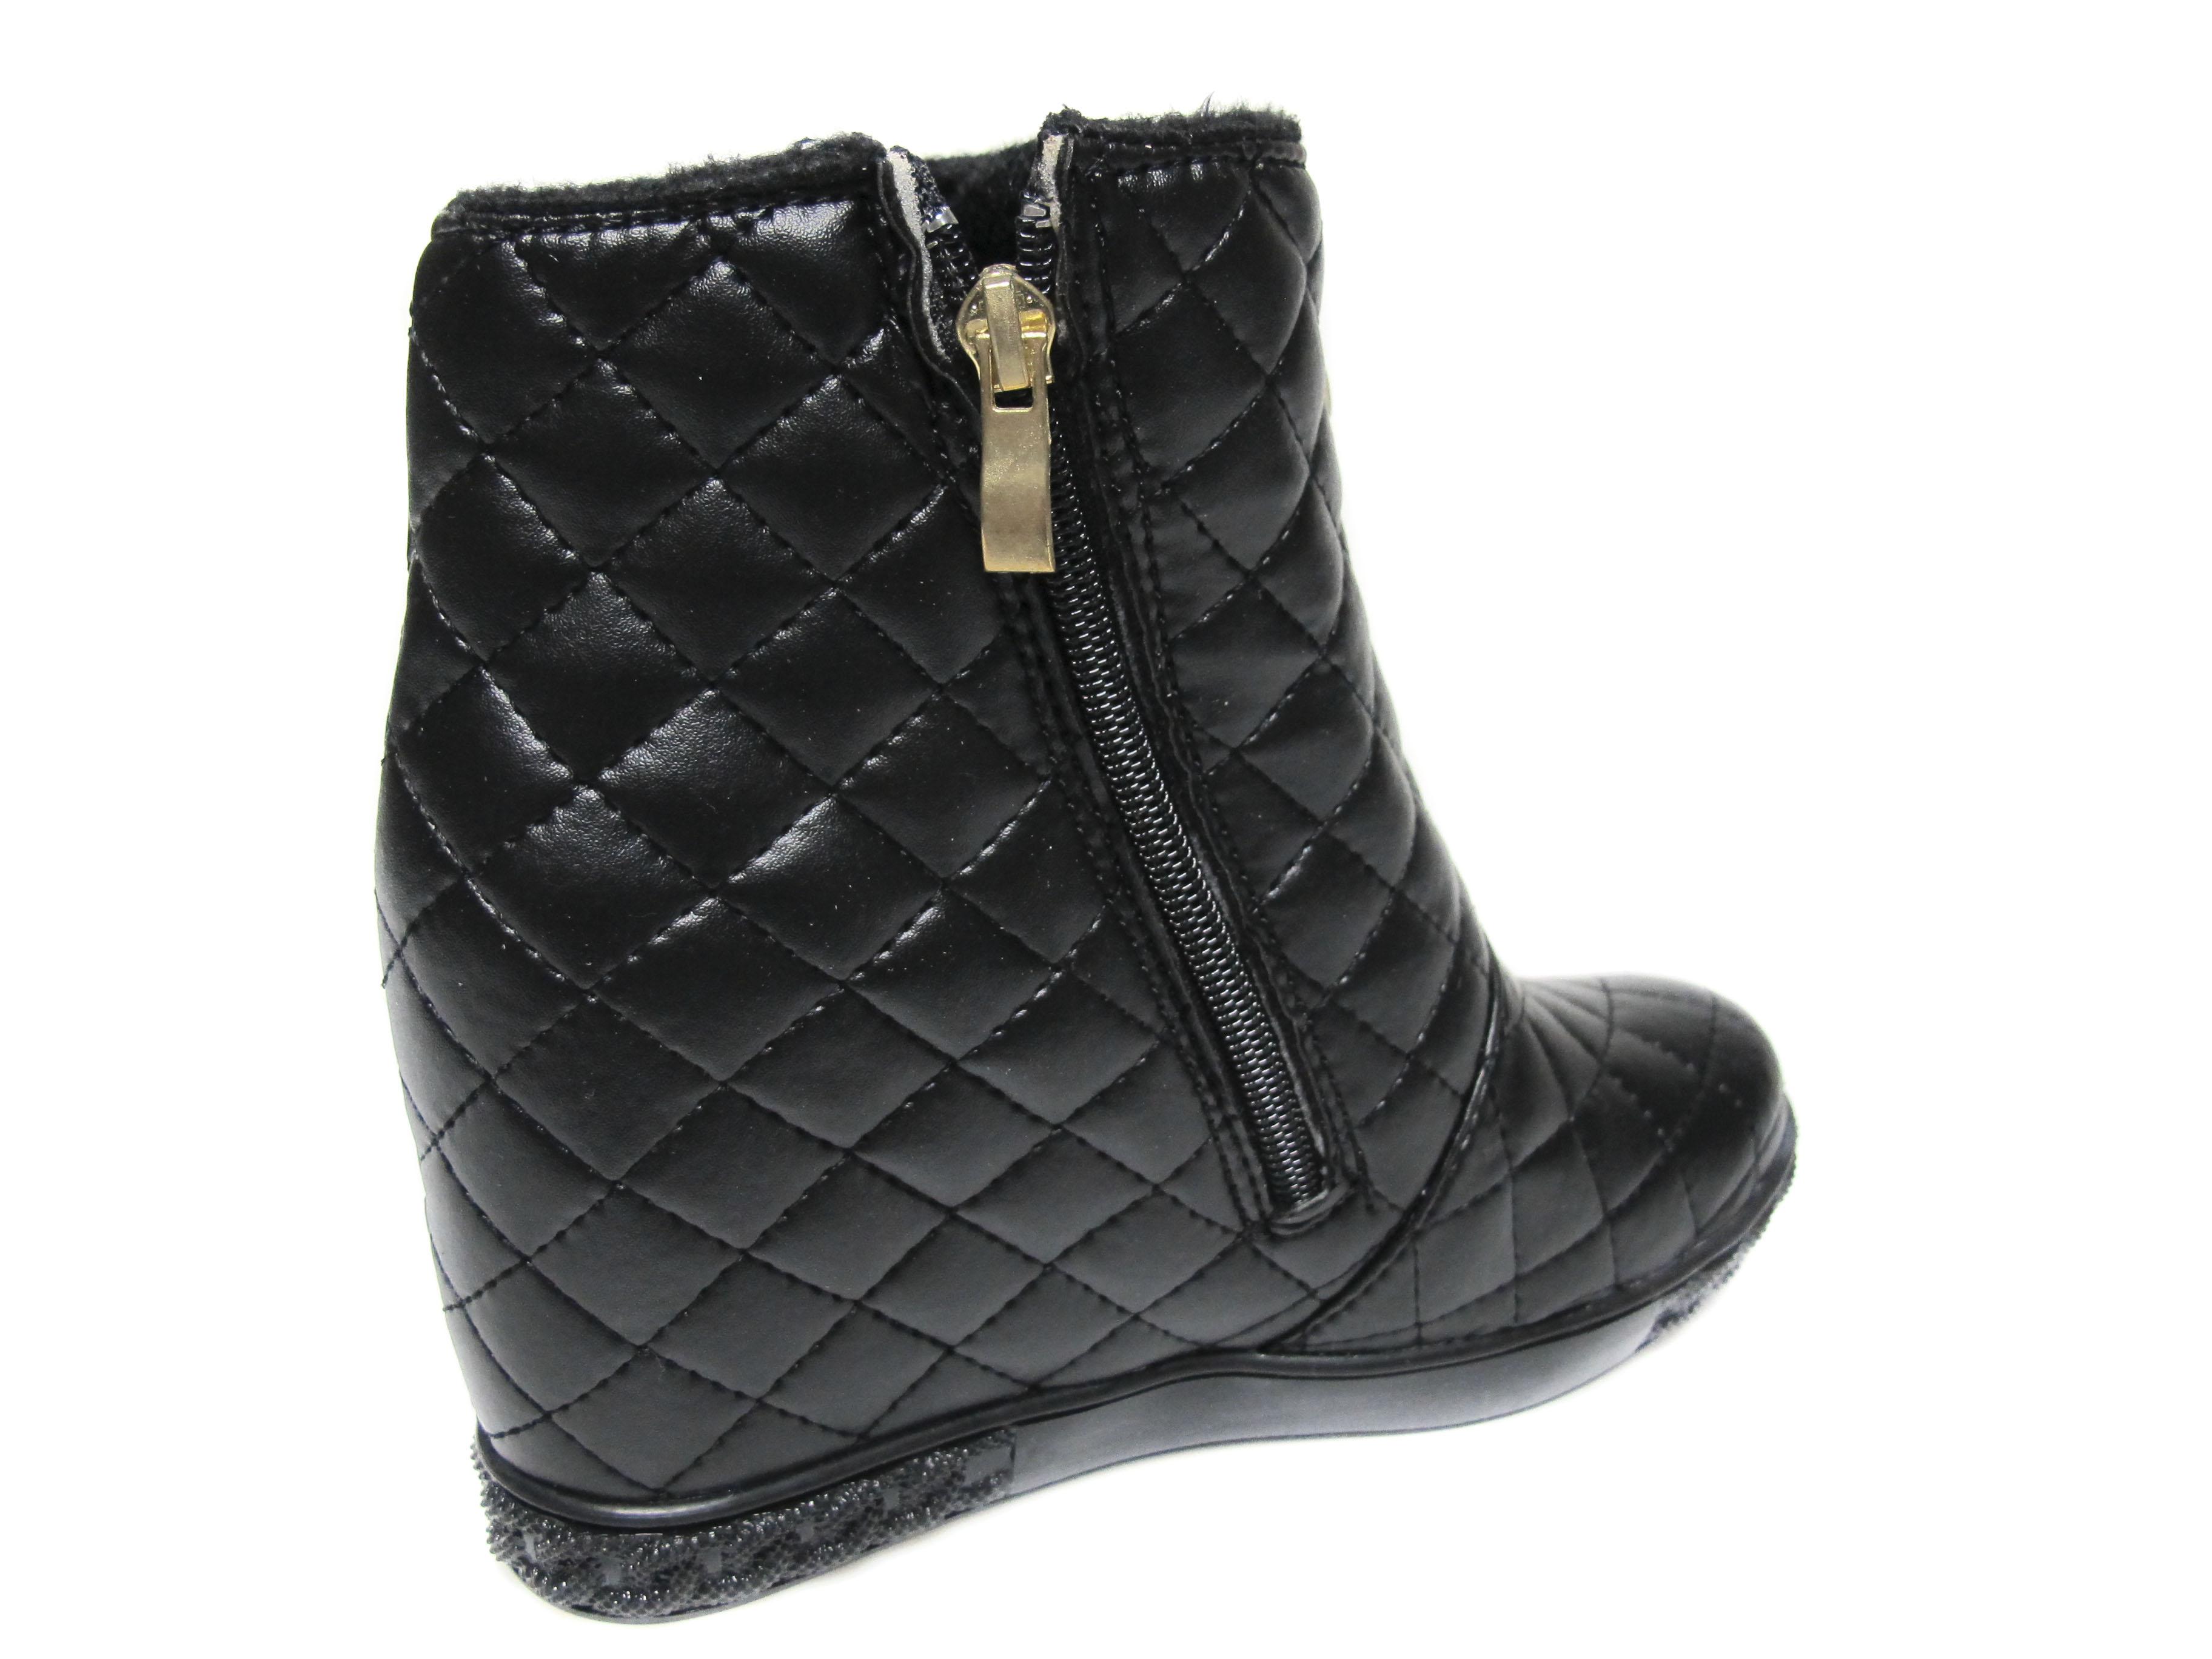 ed1a5218afe Дамски боти на платформа еко кожа черни XFAD-20663 - Дамски обувки ...